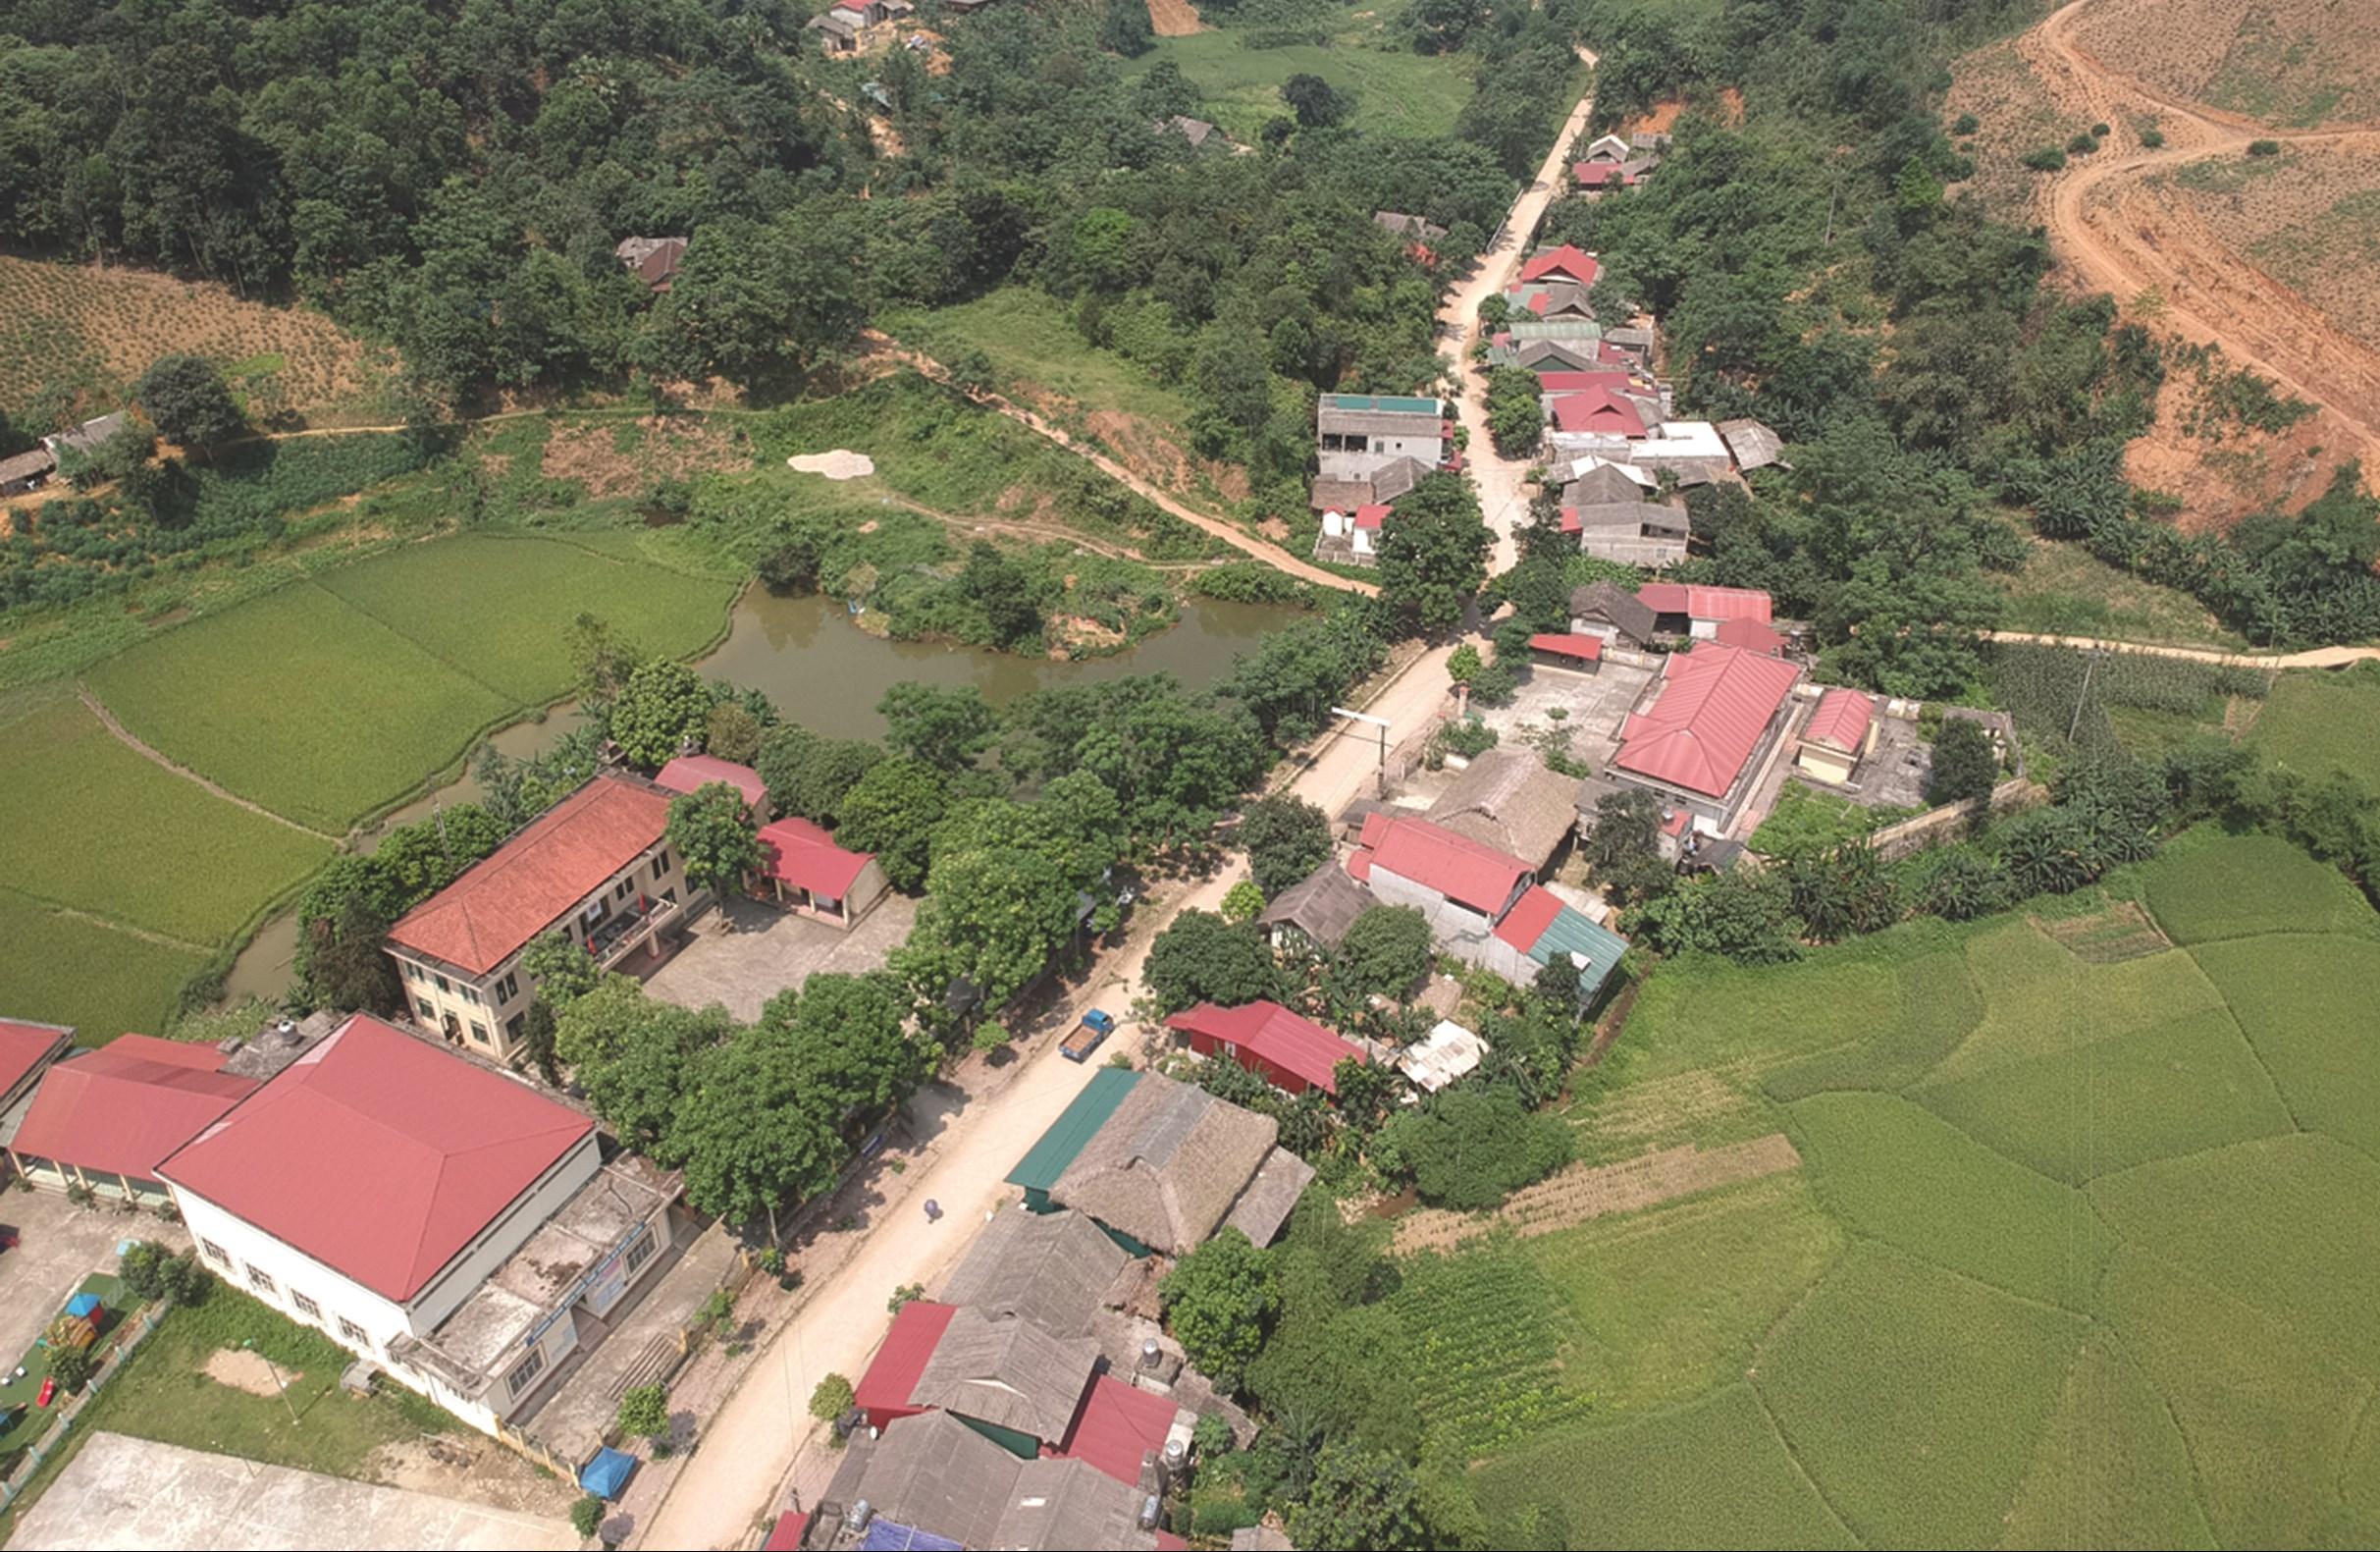 Trong nhiệm kỳ 2020 - 2025, xã nông thôn mới Việt Tiến quyết tâm duy trì và nâng cao chất lượng các tiêu chí NTM